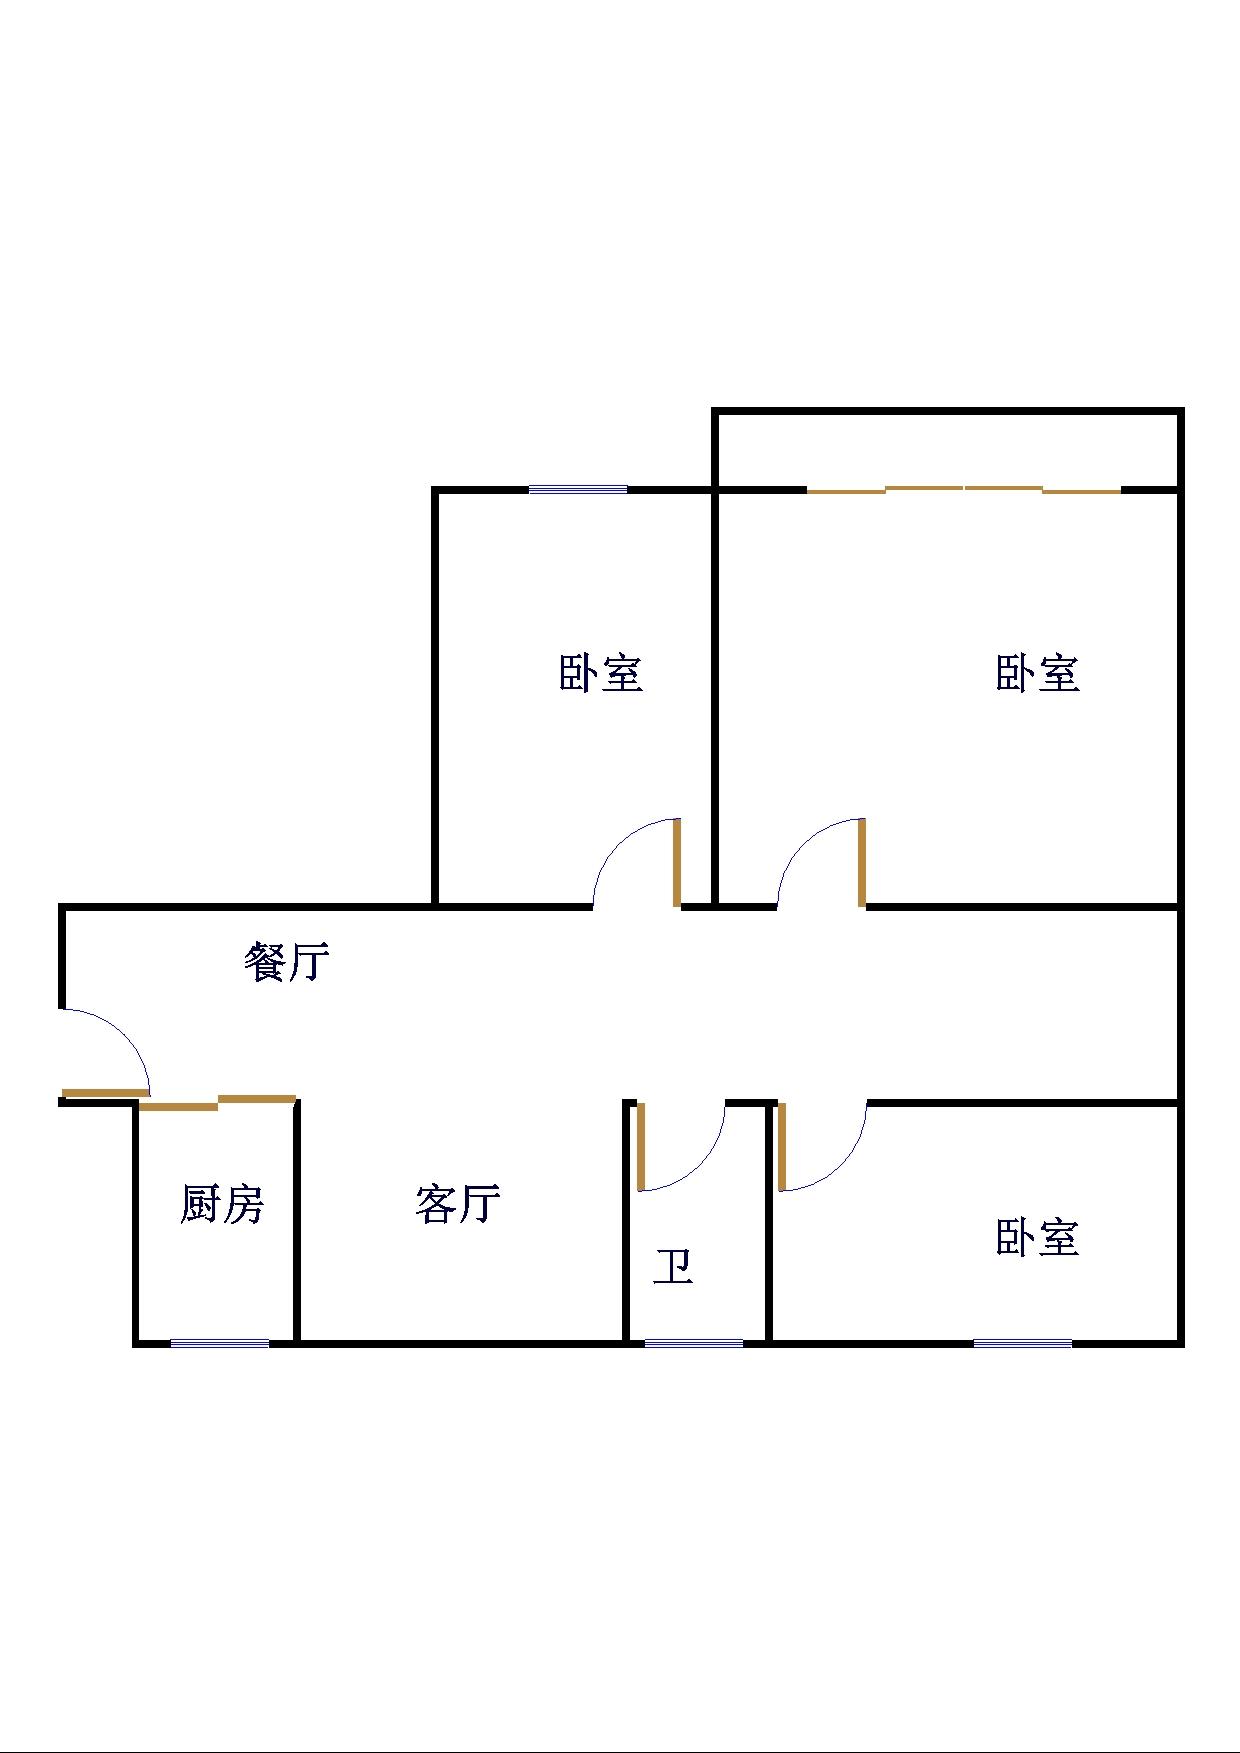 鲁班御景国际 3室2厅 双证齐全 精装 135万